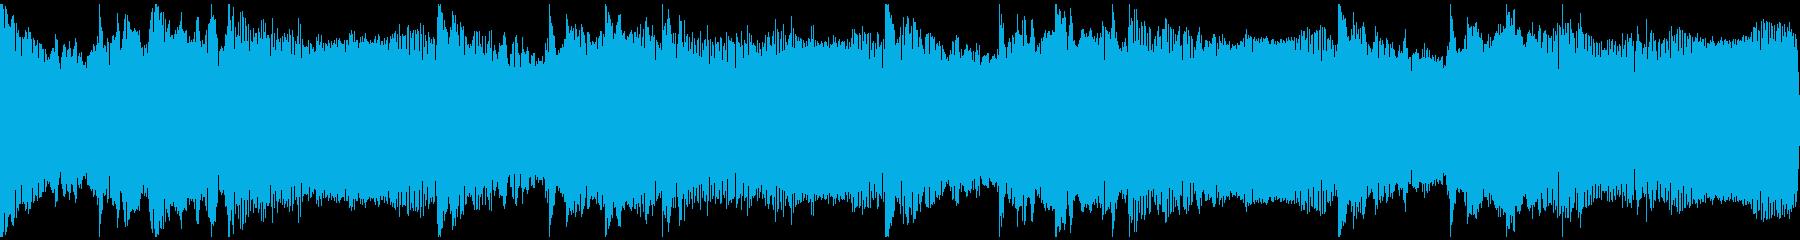 感動を演出するCM、爽やか動画、ループ5の再生済みの波形